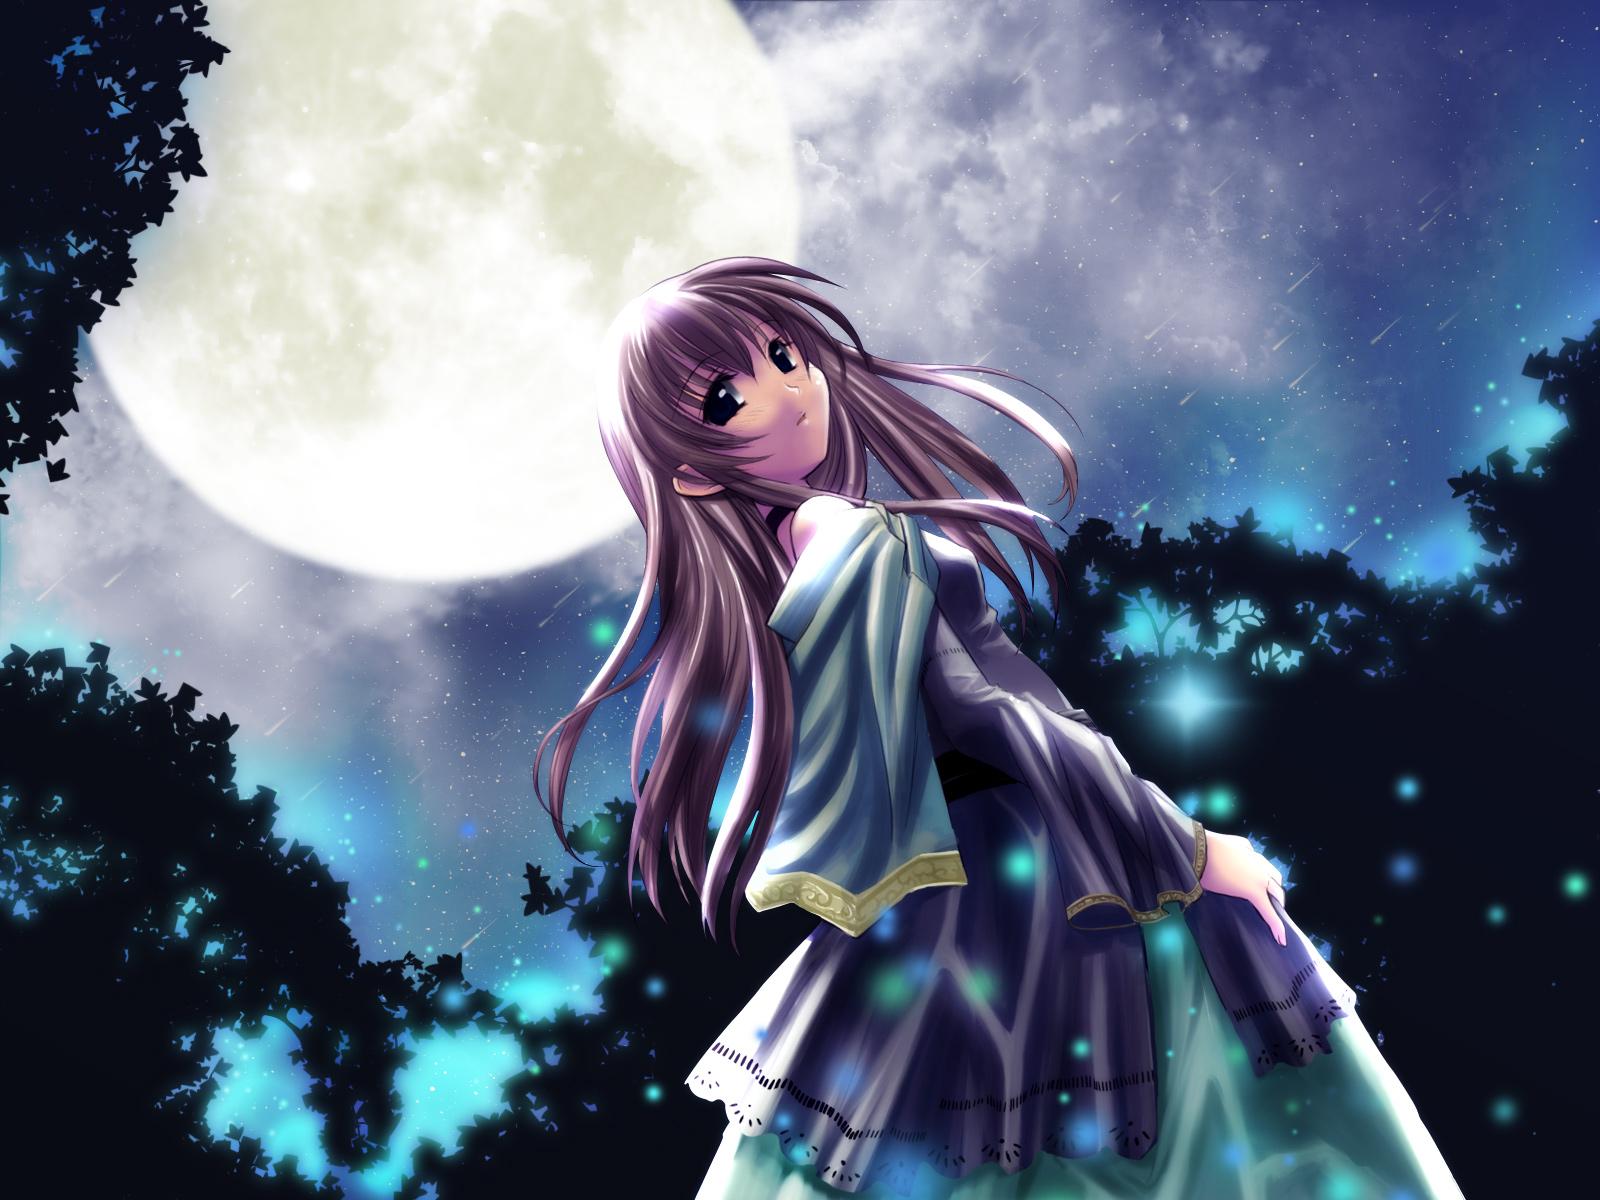 Anime Cute Wallpaper 1600x1200 Anime, Cute